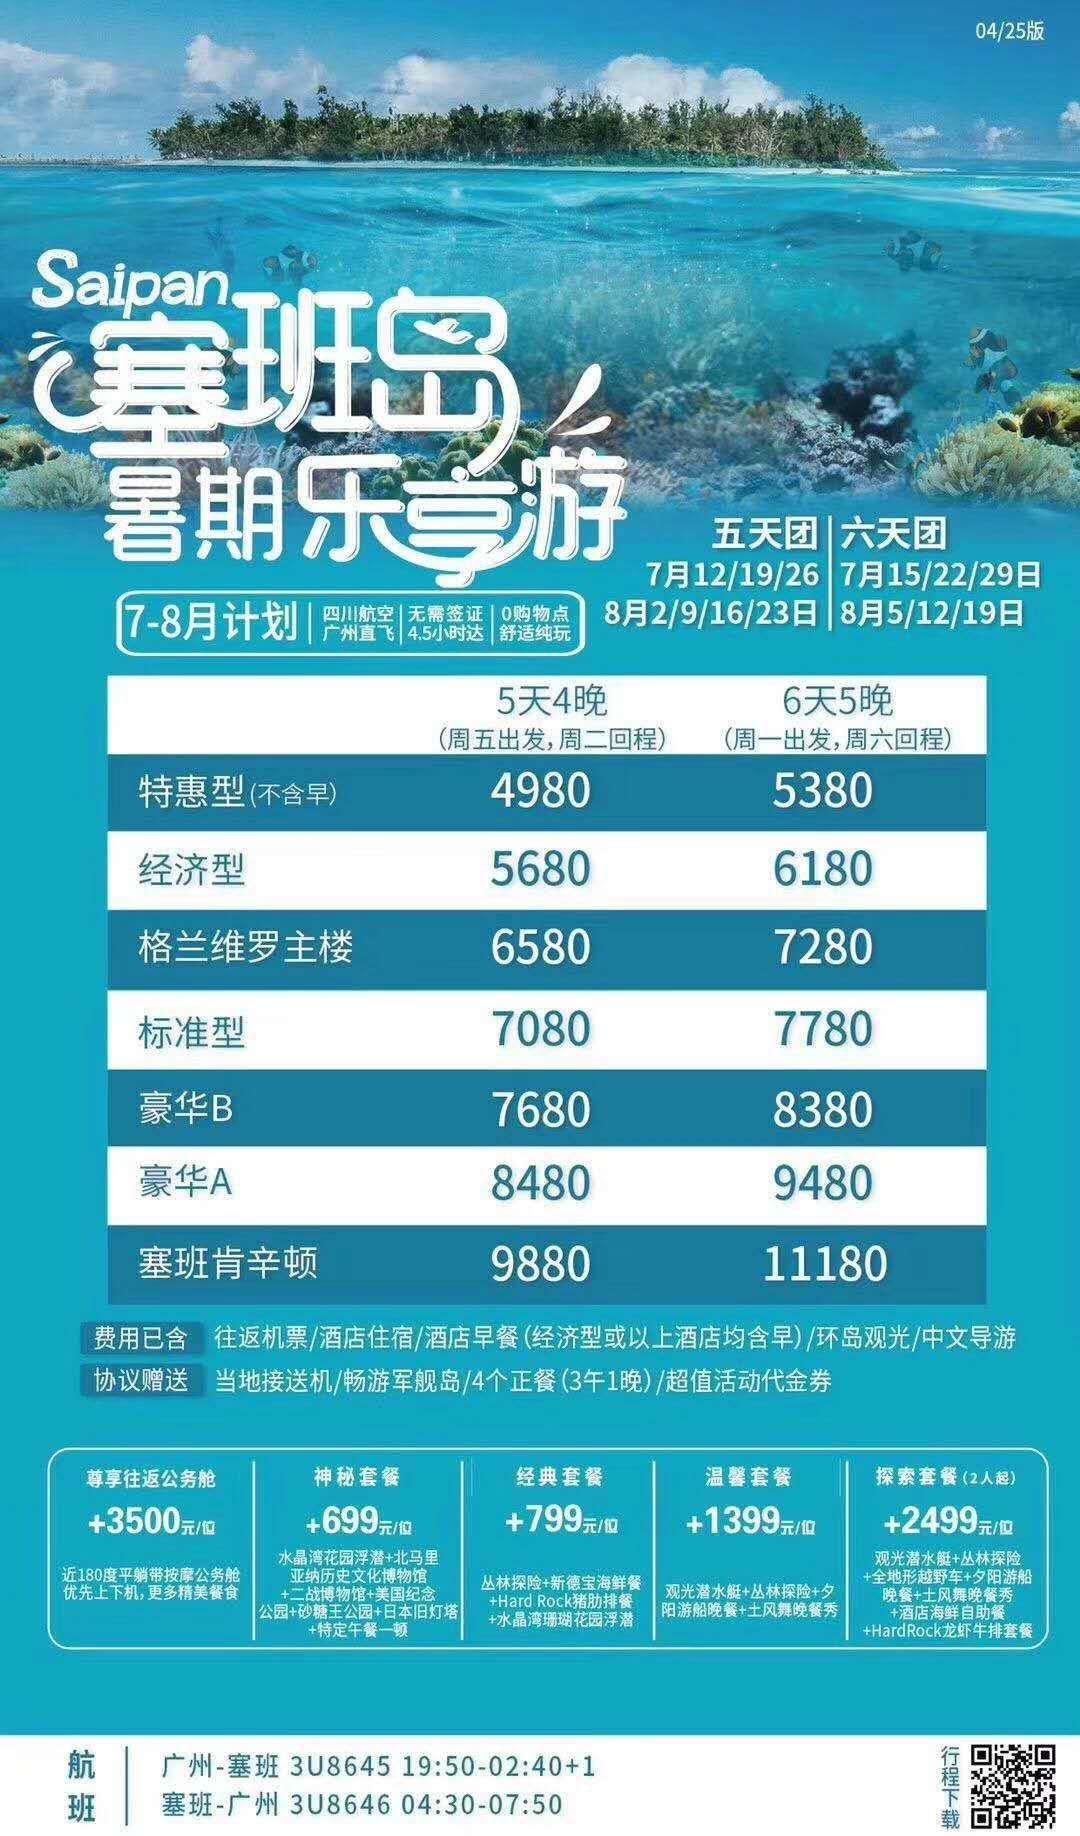 广州直飞美国塞班暑期7-8月乐享游 送北部环岛+军舰岛上岛+4个正餐+超值优惠礼券+中文导游